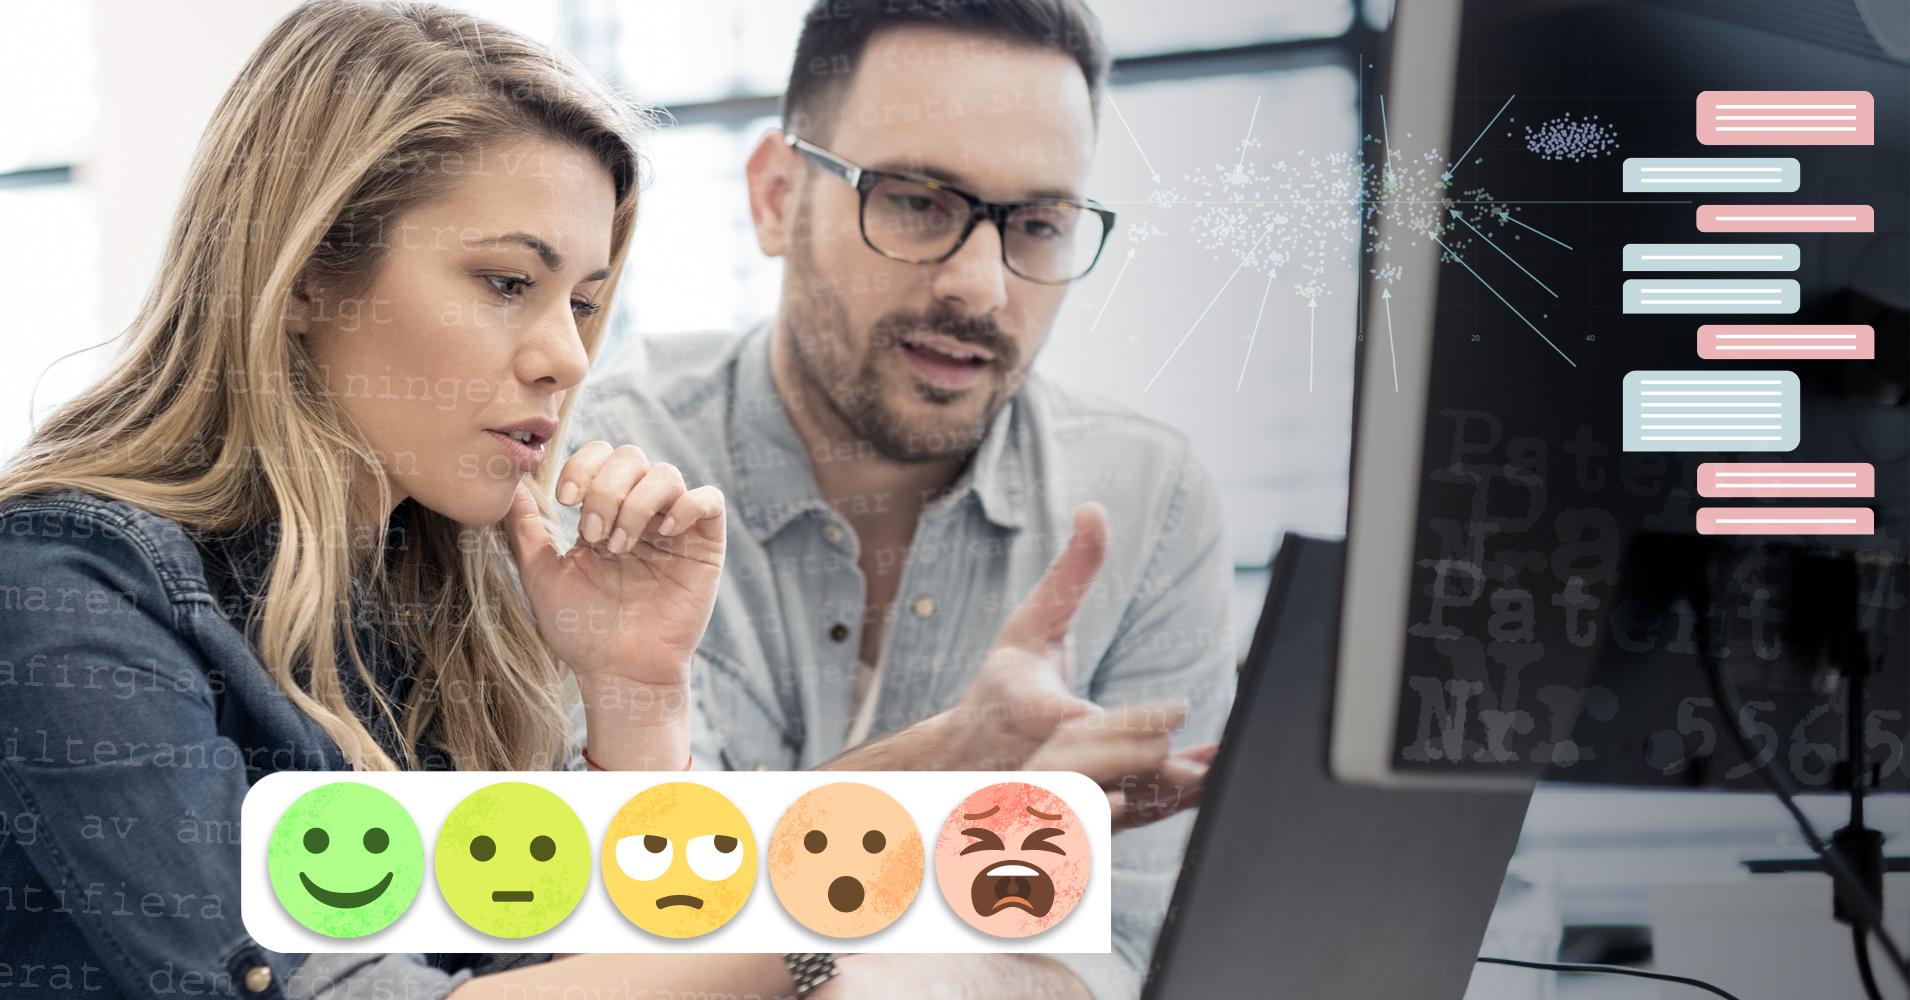 En kvinna och en man sitter vid en dator och analyserar texter från en kundtjänstchat och från en mängd patent.